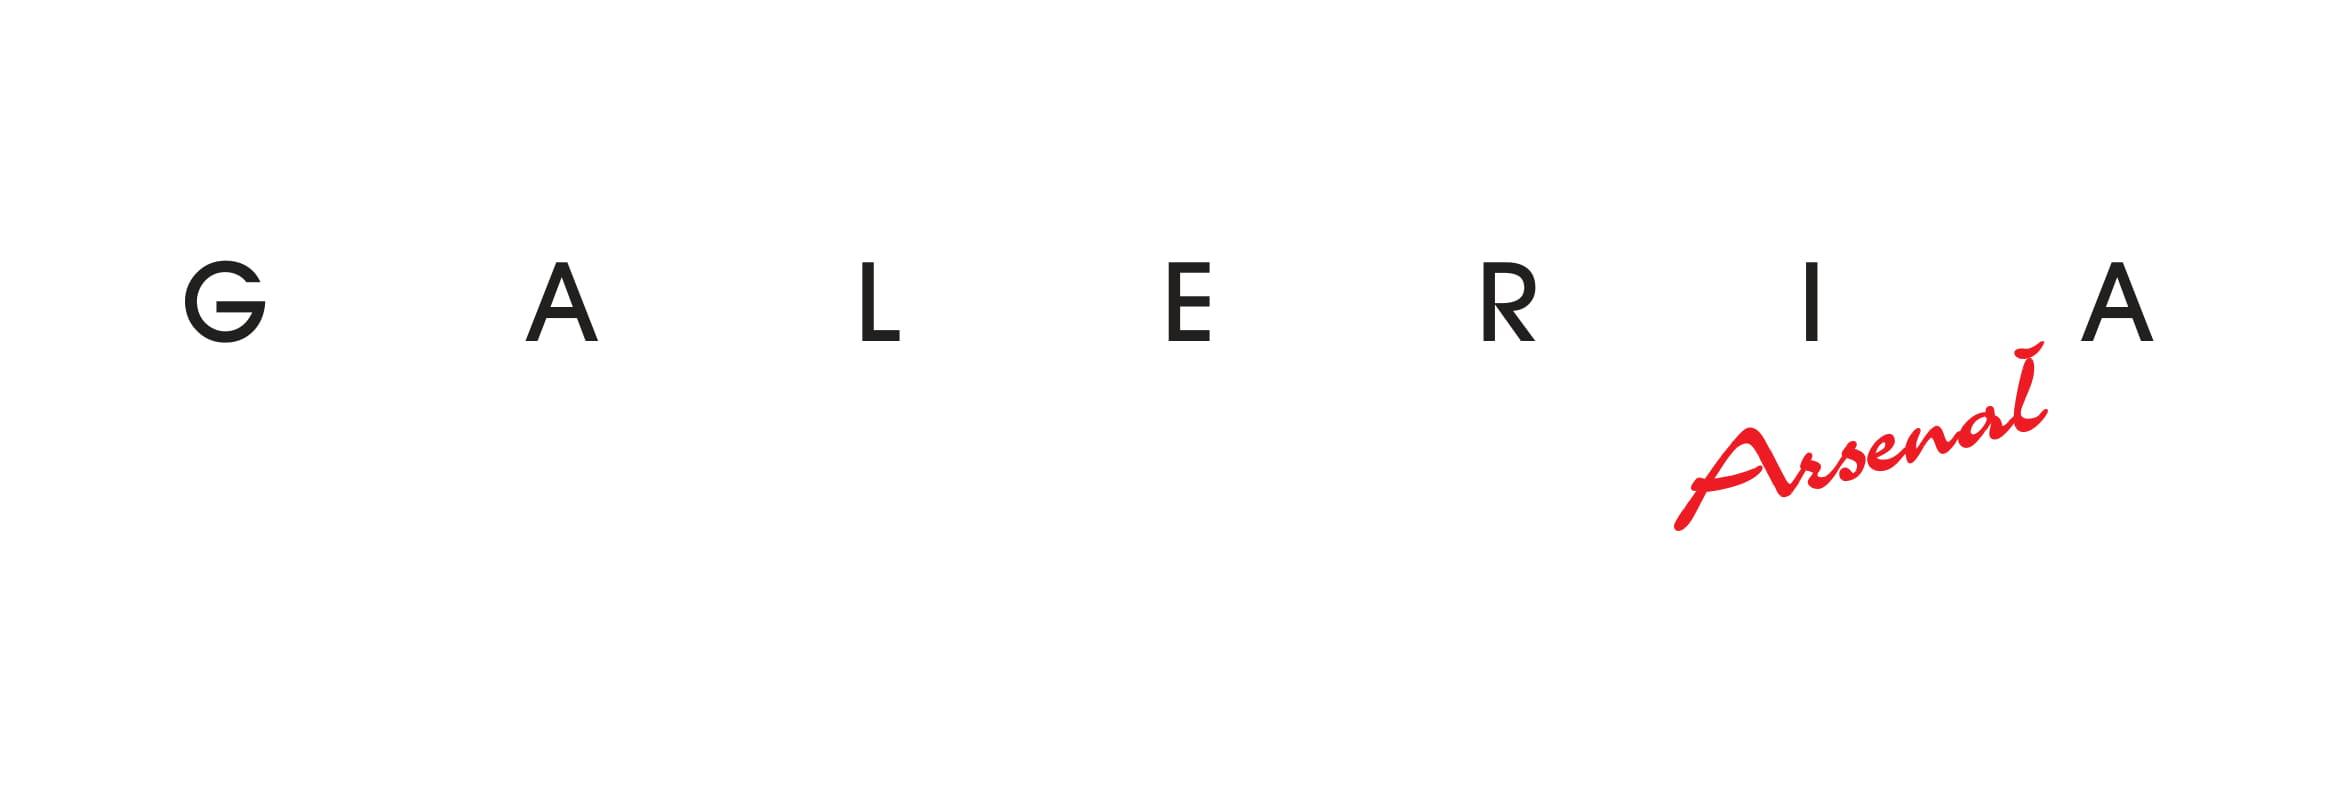 Na białym tle czarny napis Galeria, pod spodem napis Arsenał czerwoną czcionką